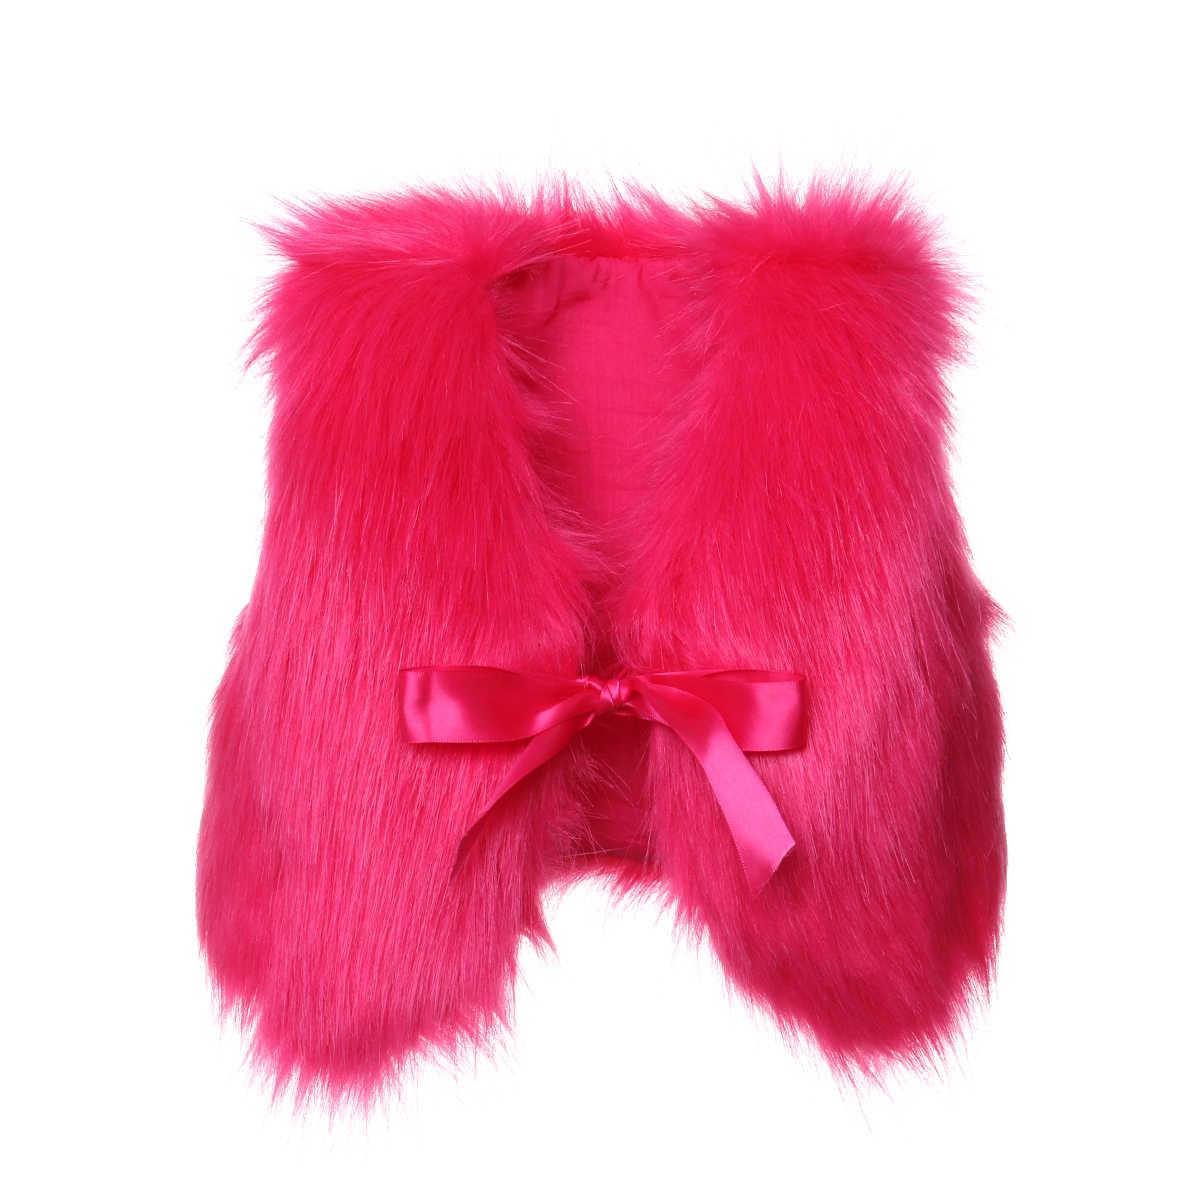 Mùa thu Thời Trang NEW Baby Cô Gái Faux Fur Vest Áo Ghi Lê Bé Mùa Đông Ấm Áp Áo Khoác Outwear Coat